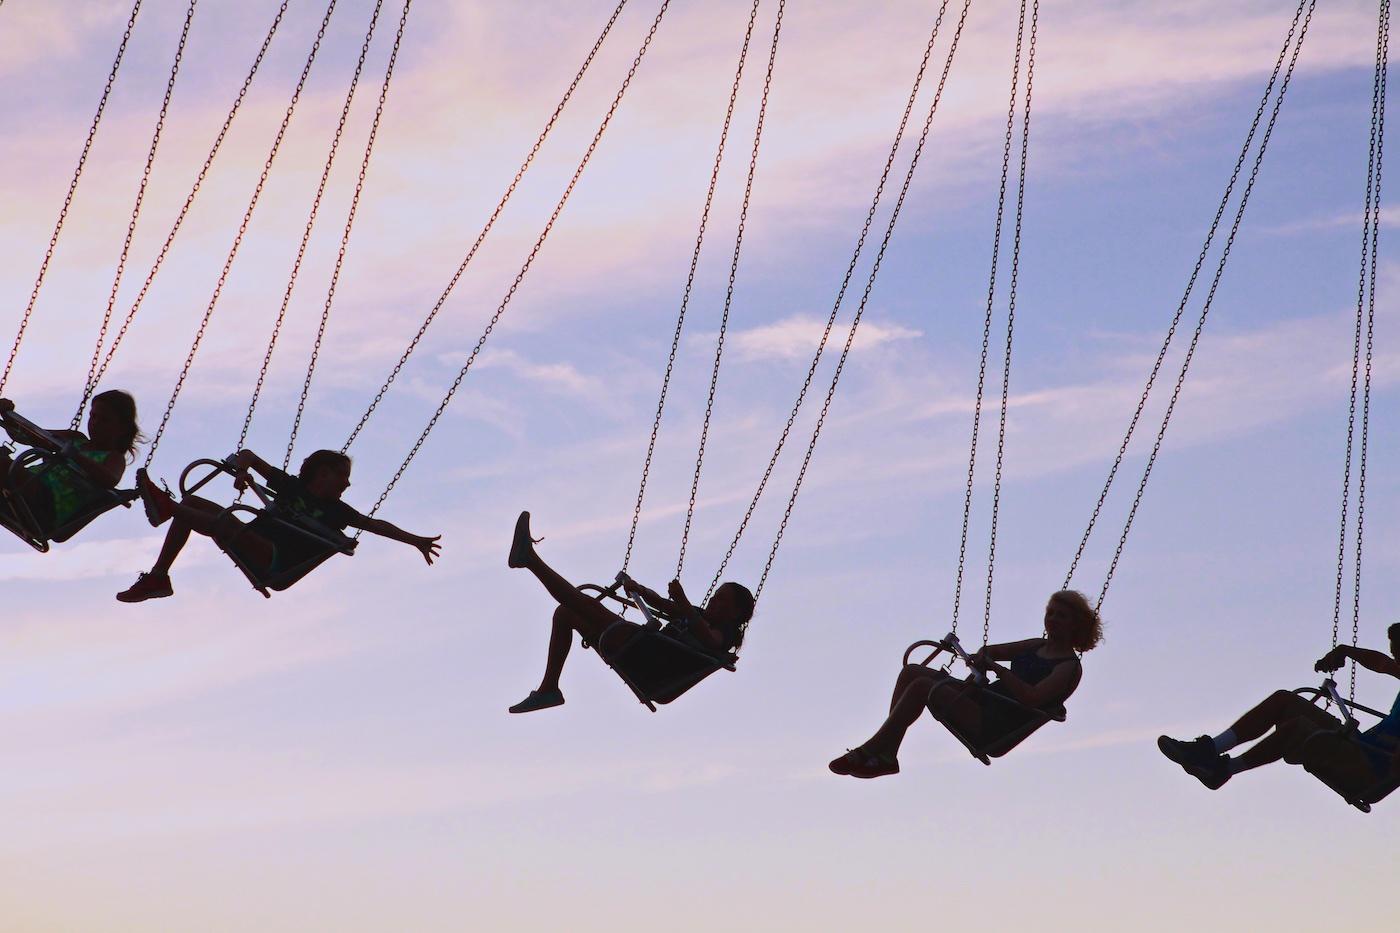 Flyin' High at the County Fair